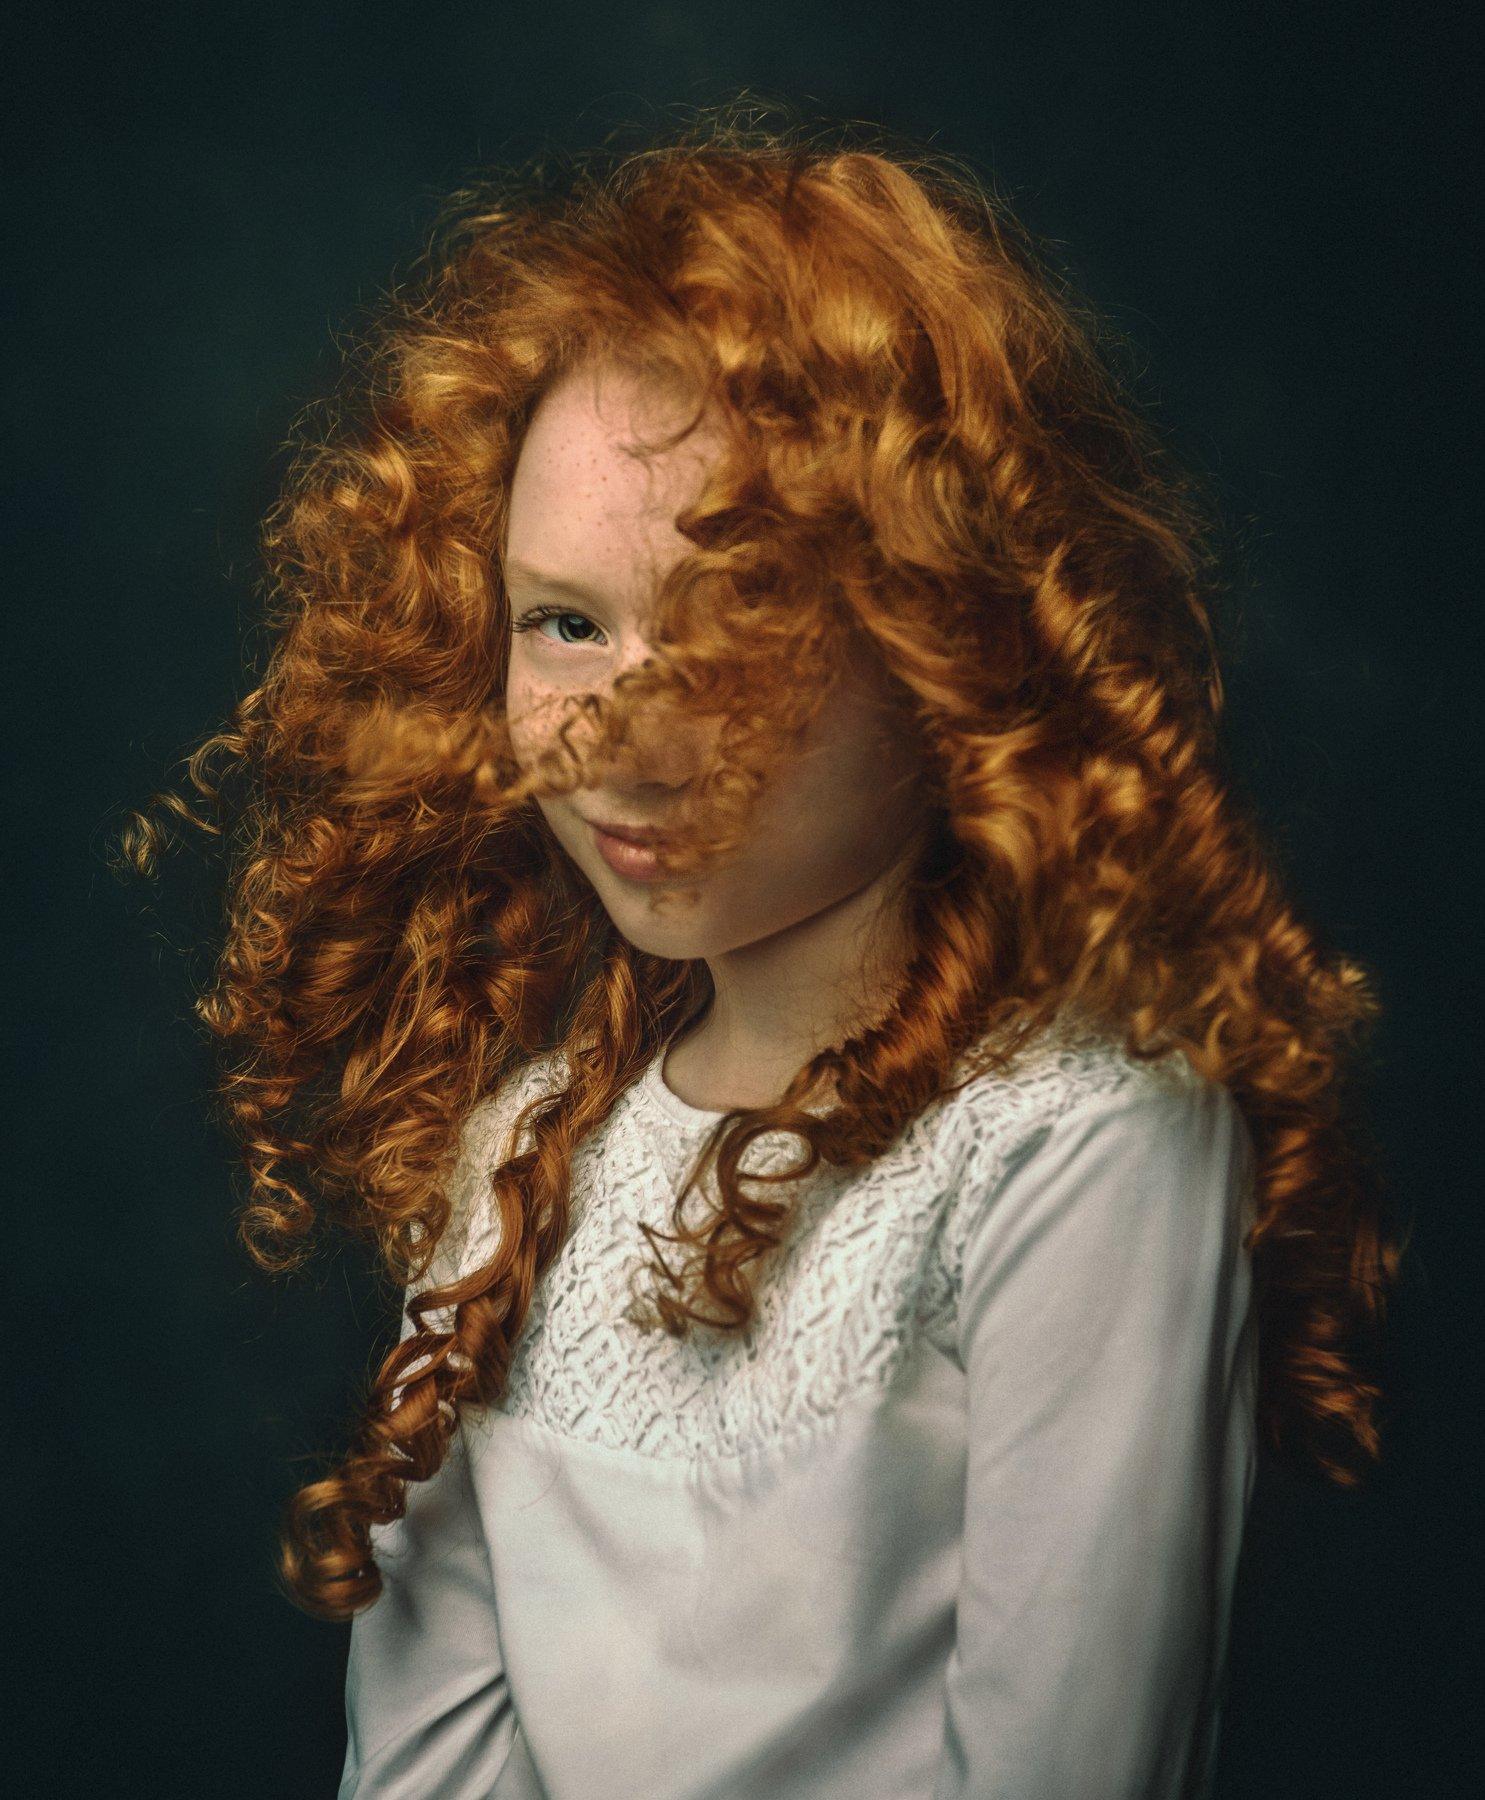 портрет, ребенок, рыженькая, конопушки, рыжие волосы, рембрандт, портрет рыженькой девочки, Пилипчук Константин